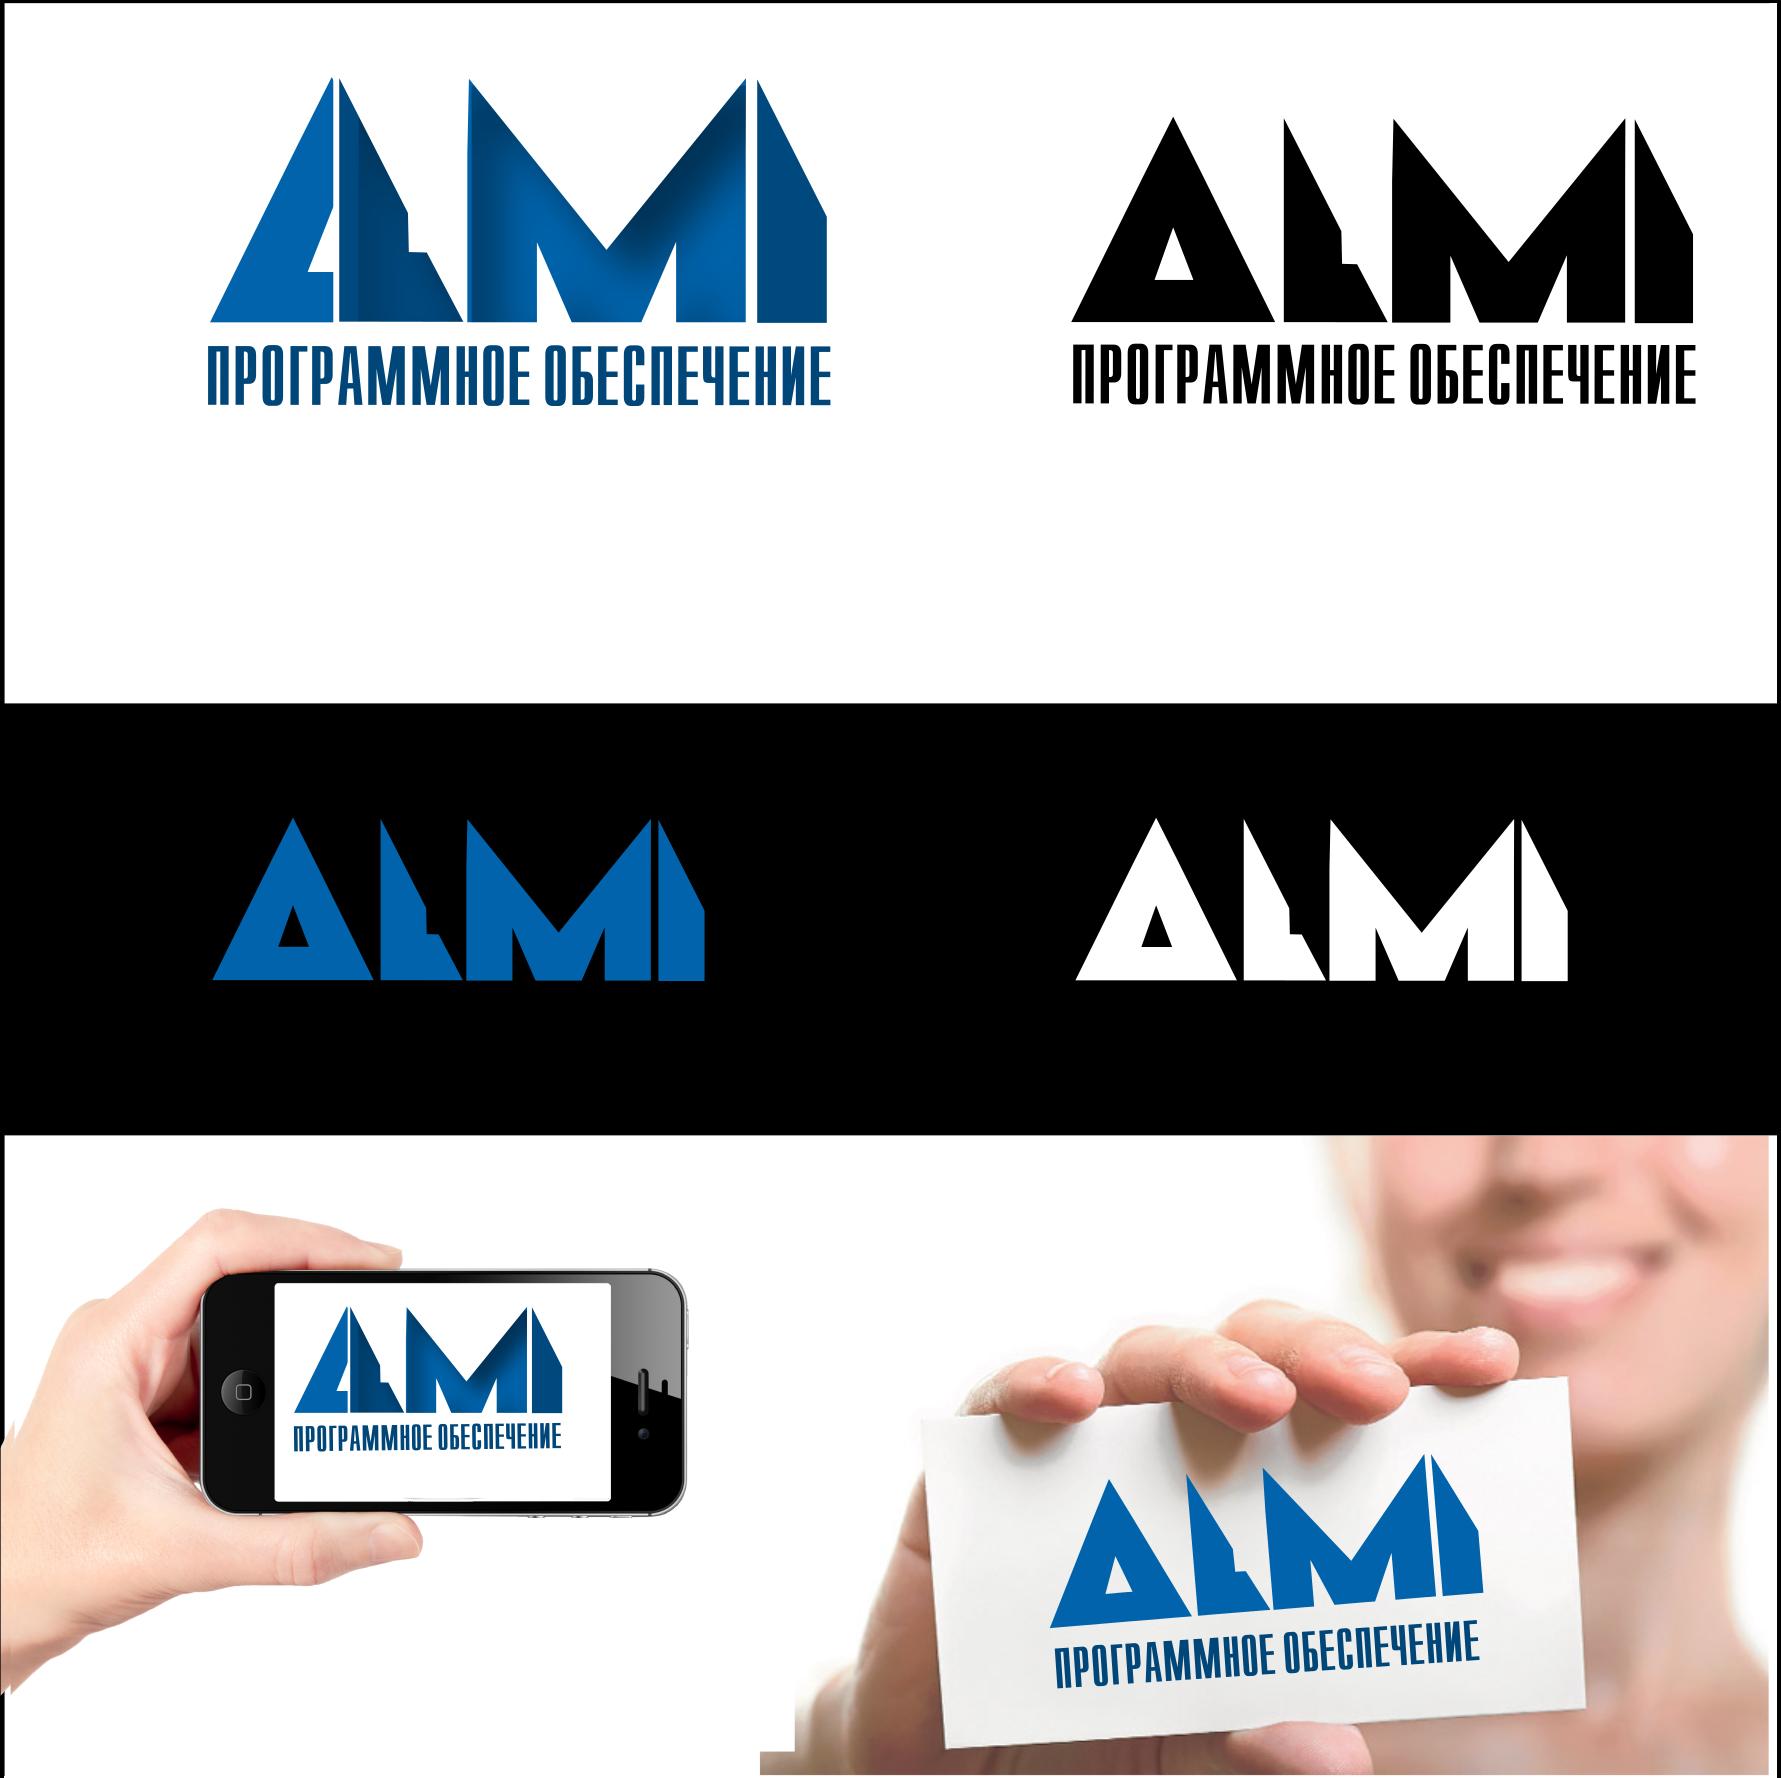 Разработка логотипа и фона фото f_958598ae12d43db3.png